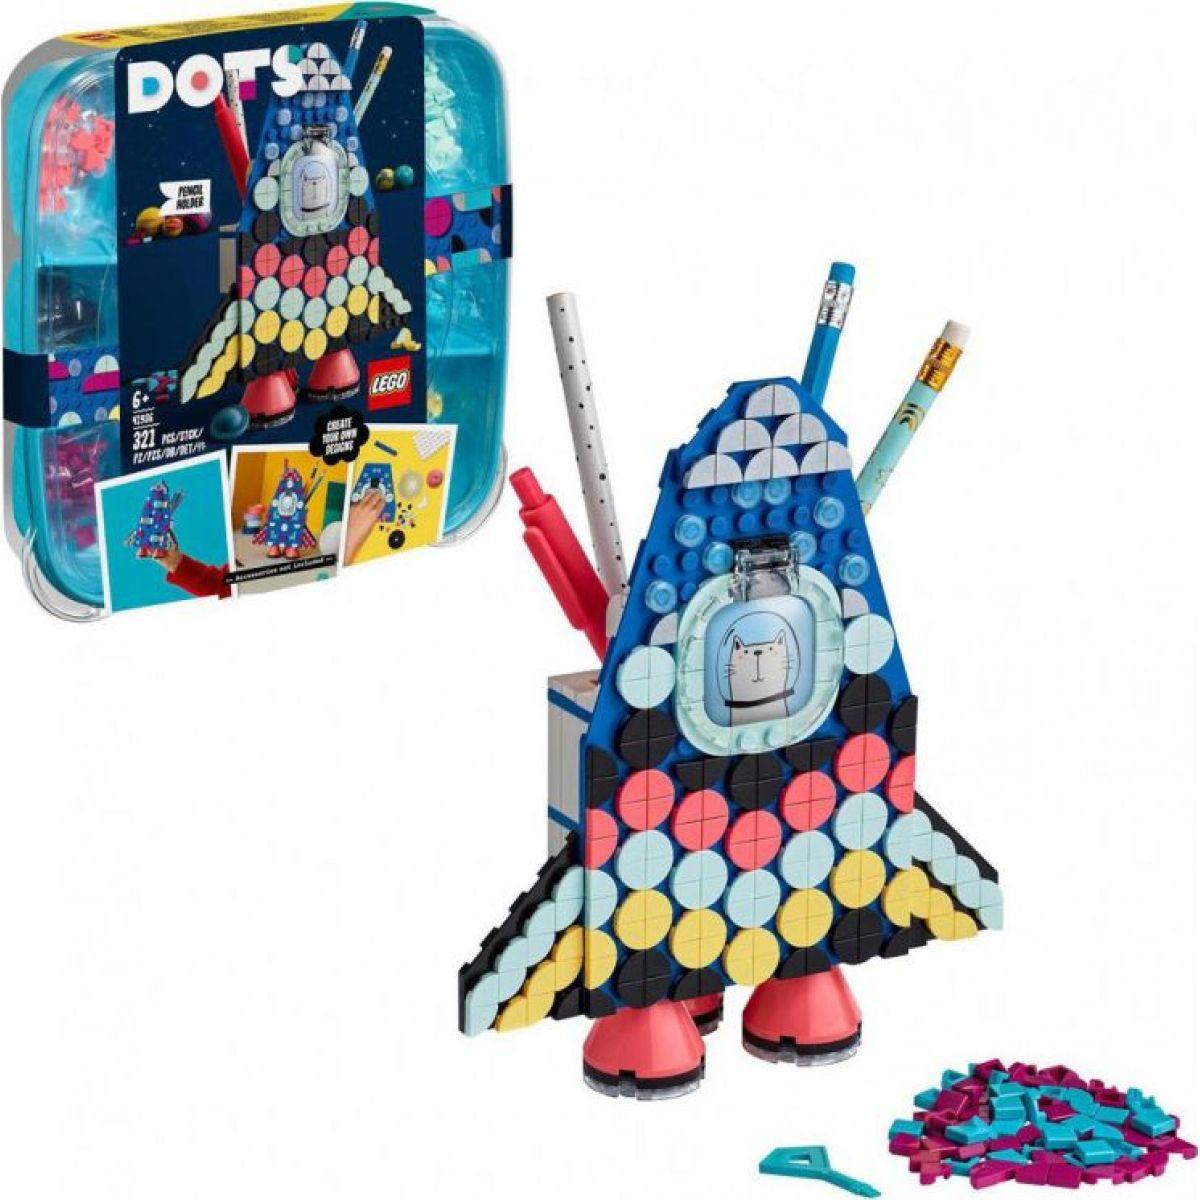 LEGO® DOTS 41936 Stojanček na ceruzky